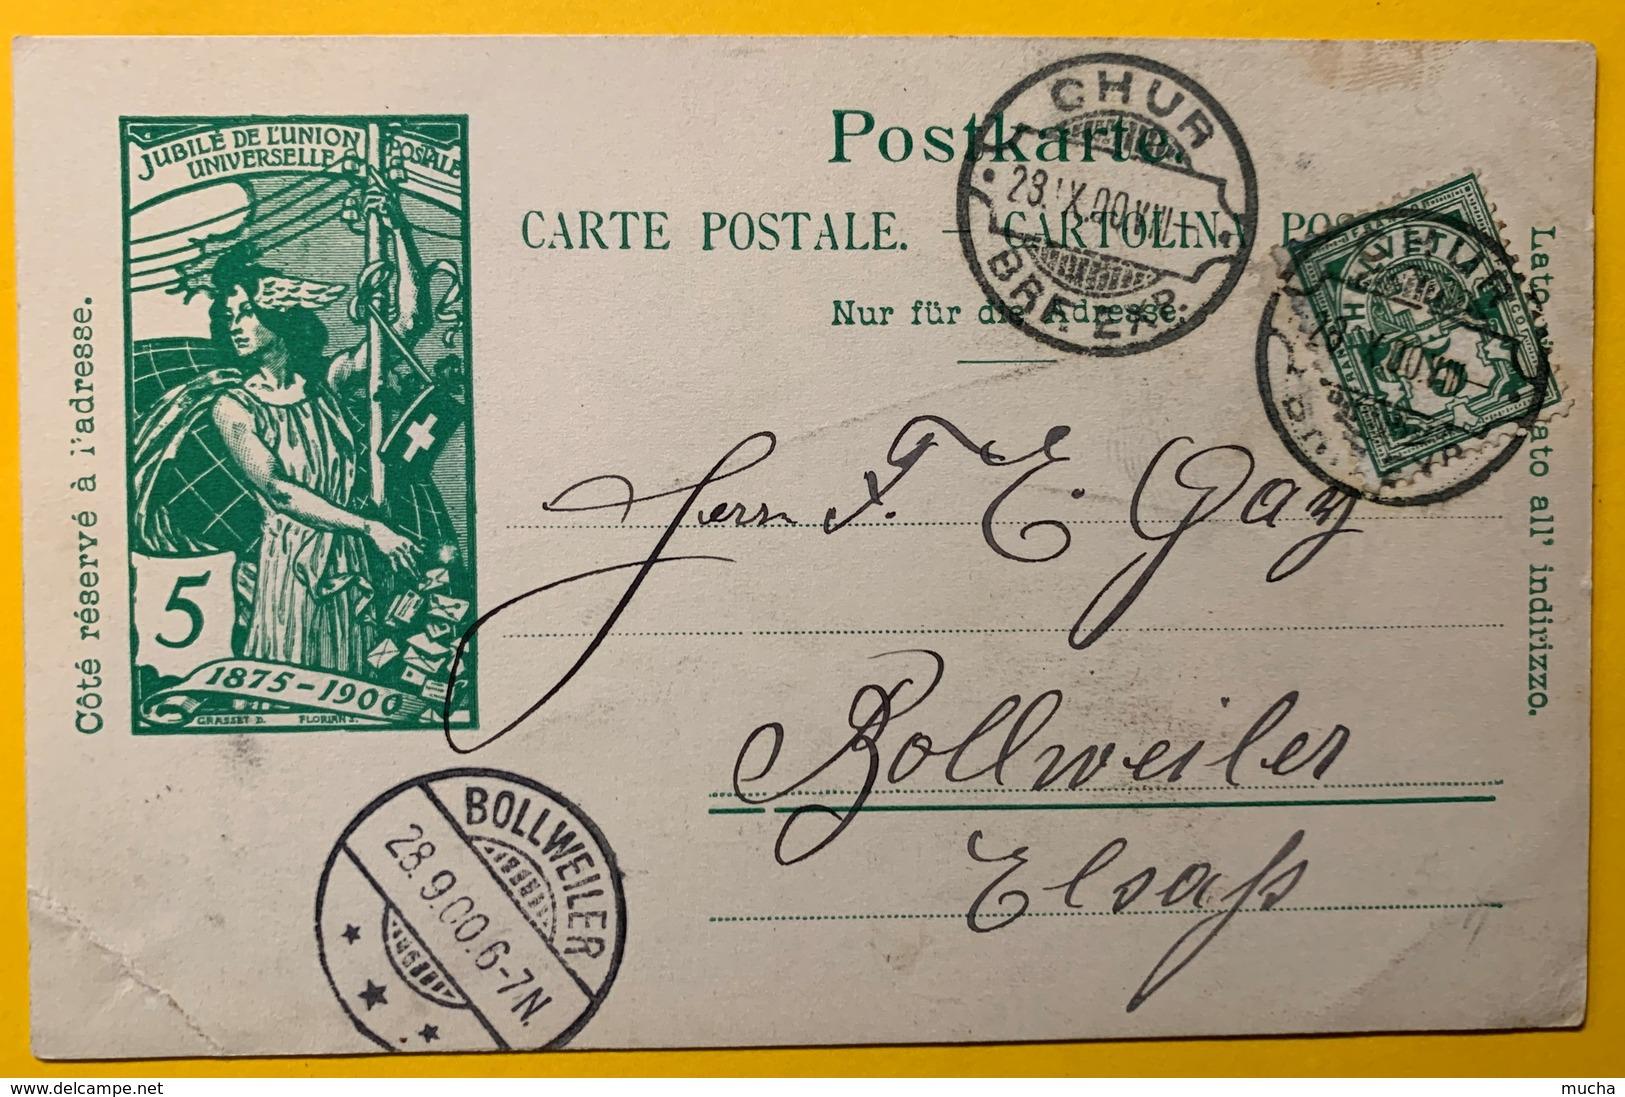 9275 - Jubilé UPU 28.09.1900 Cachet Chur Lame De Rasoir Pour Bollweiler Alsace - Entiers Postaux